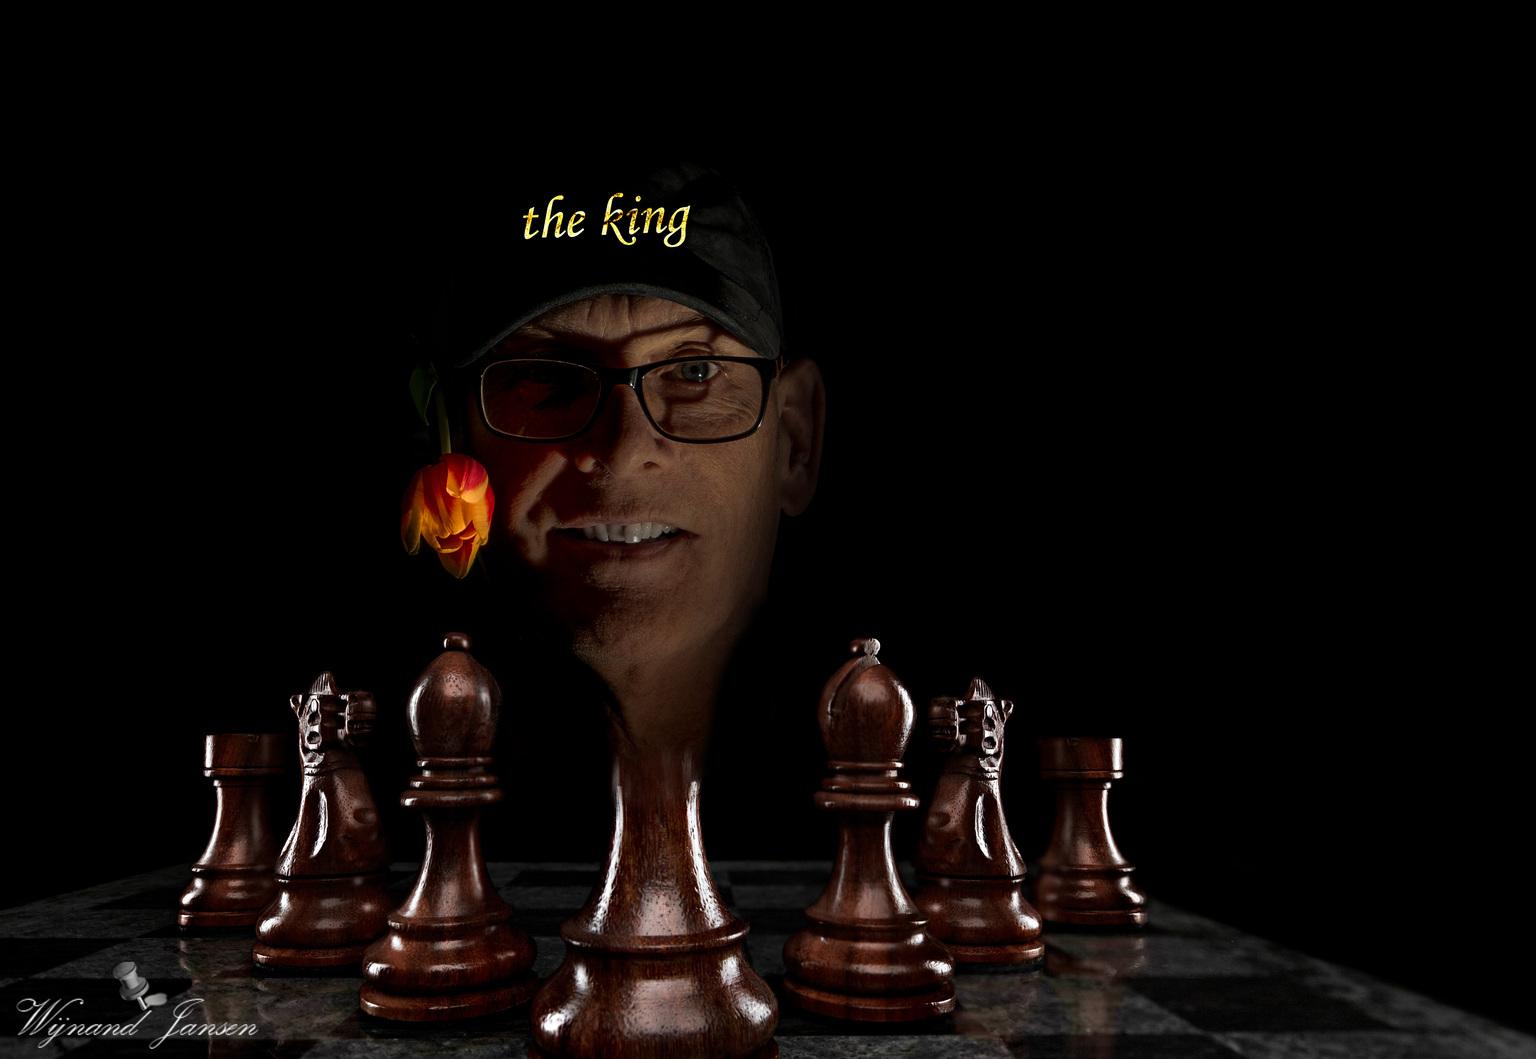 Checkmate - Verder kom ik niet? - foto door artmen op 15-04-2021 - deze foto bevat: oogzorg, kunst, schaakbord, pret, binnenspellen en sport, evenement, speelgoed, duisternis, schaak, baseball pet